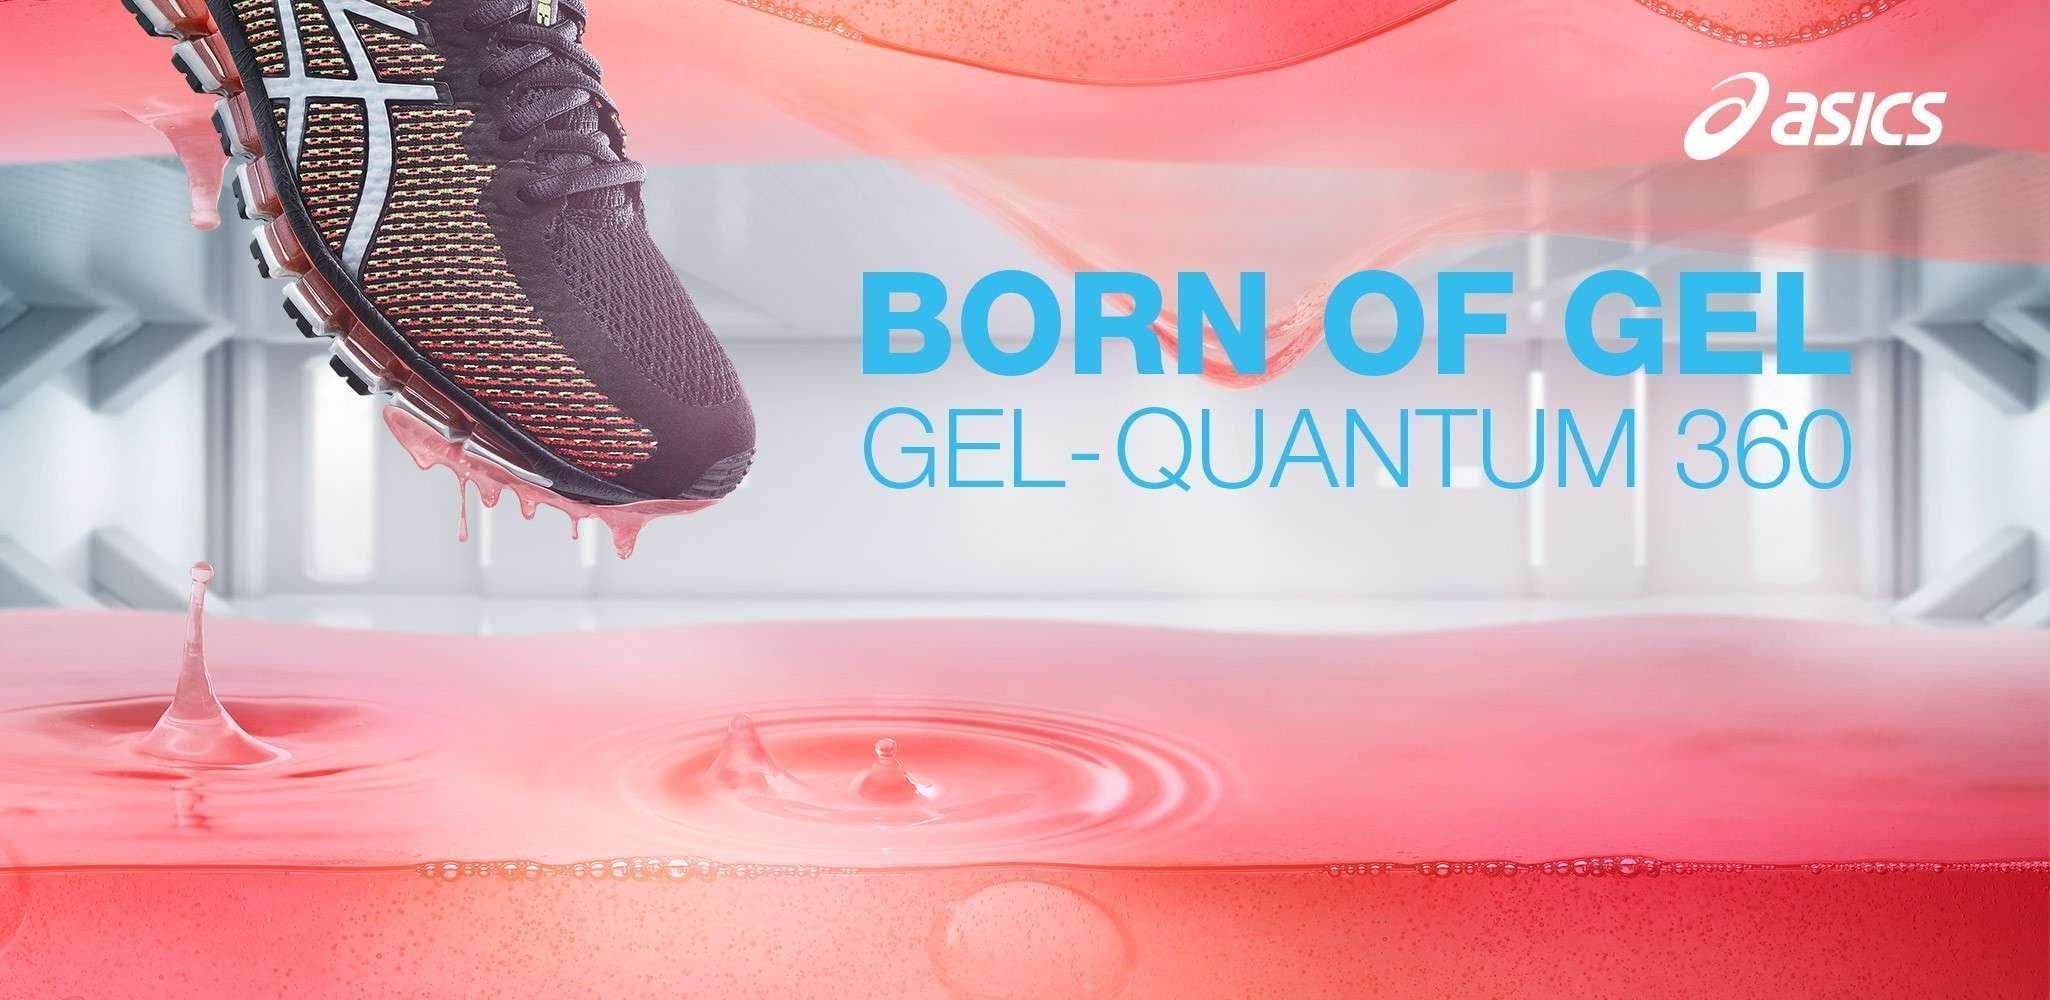 Asics Gel Quantum  360